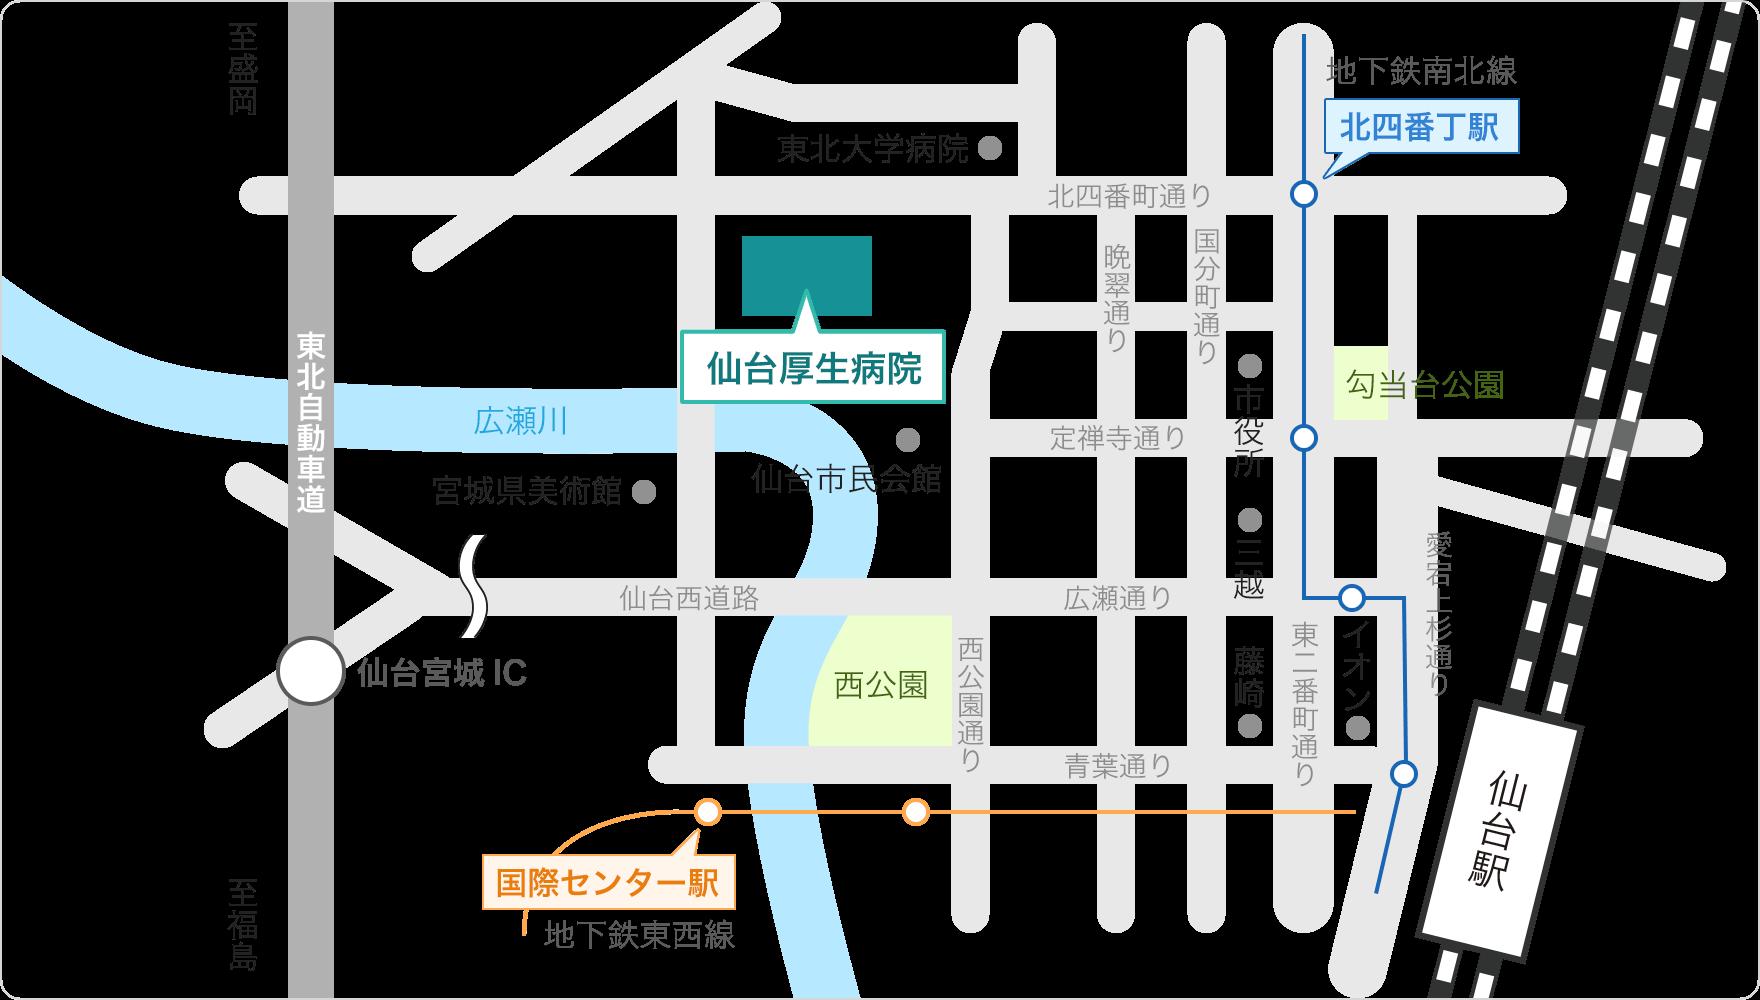 仙台厚生病院周辺の地図